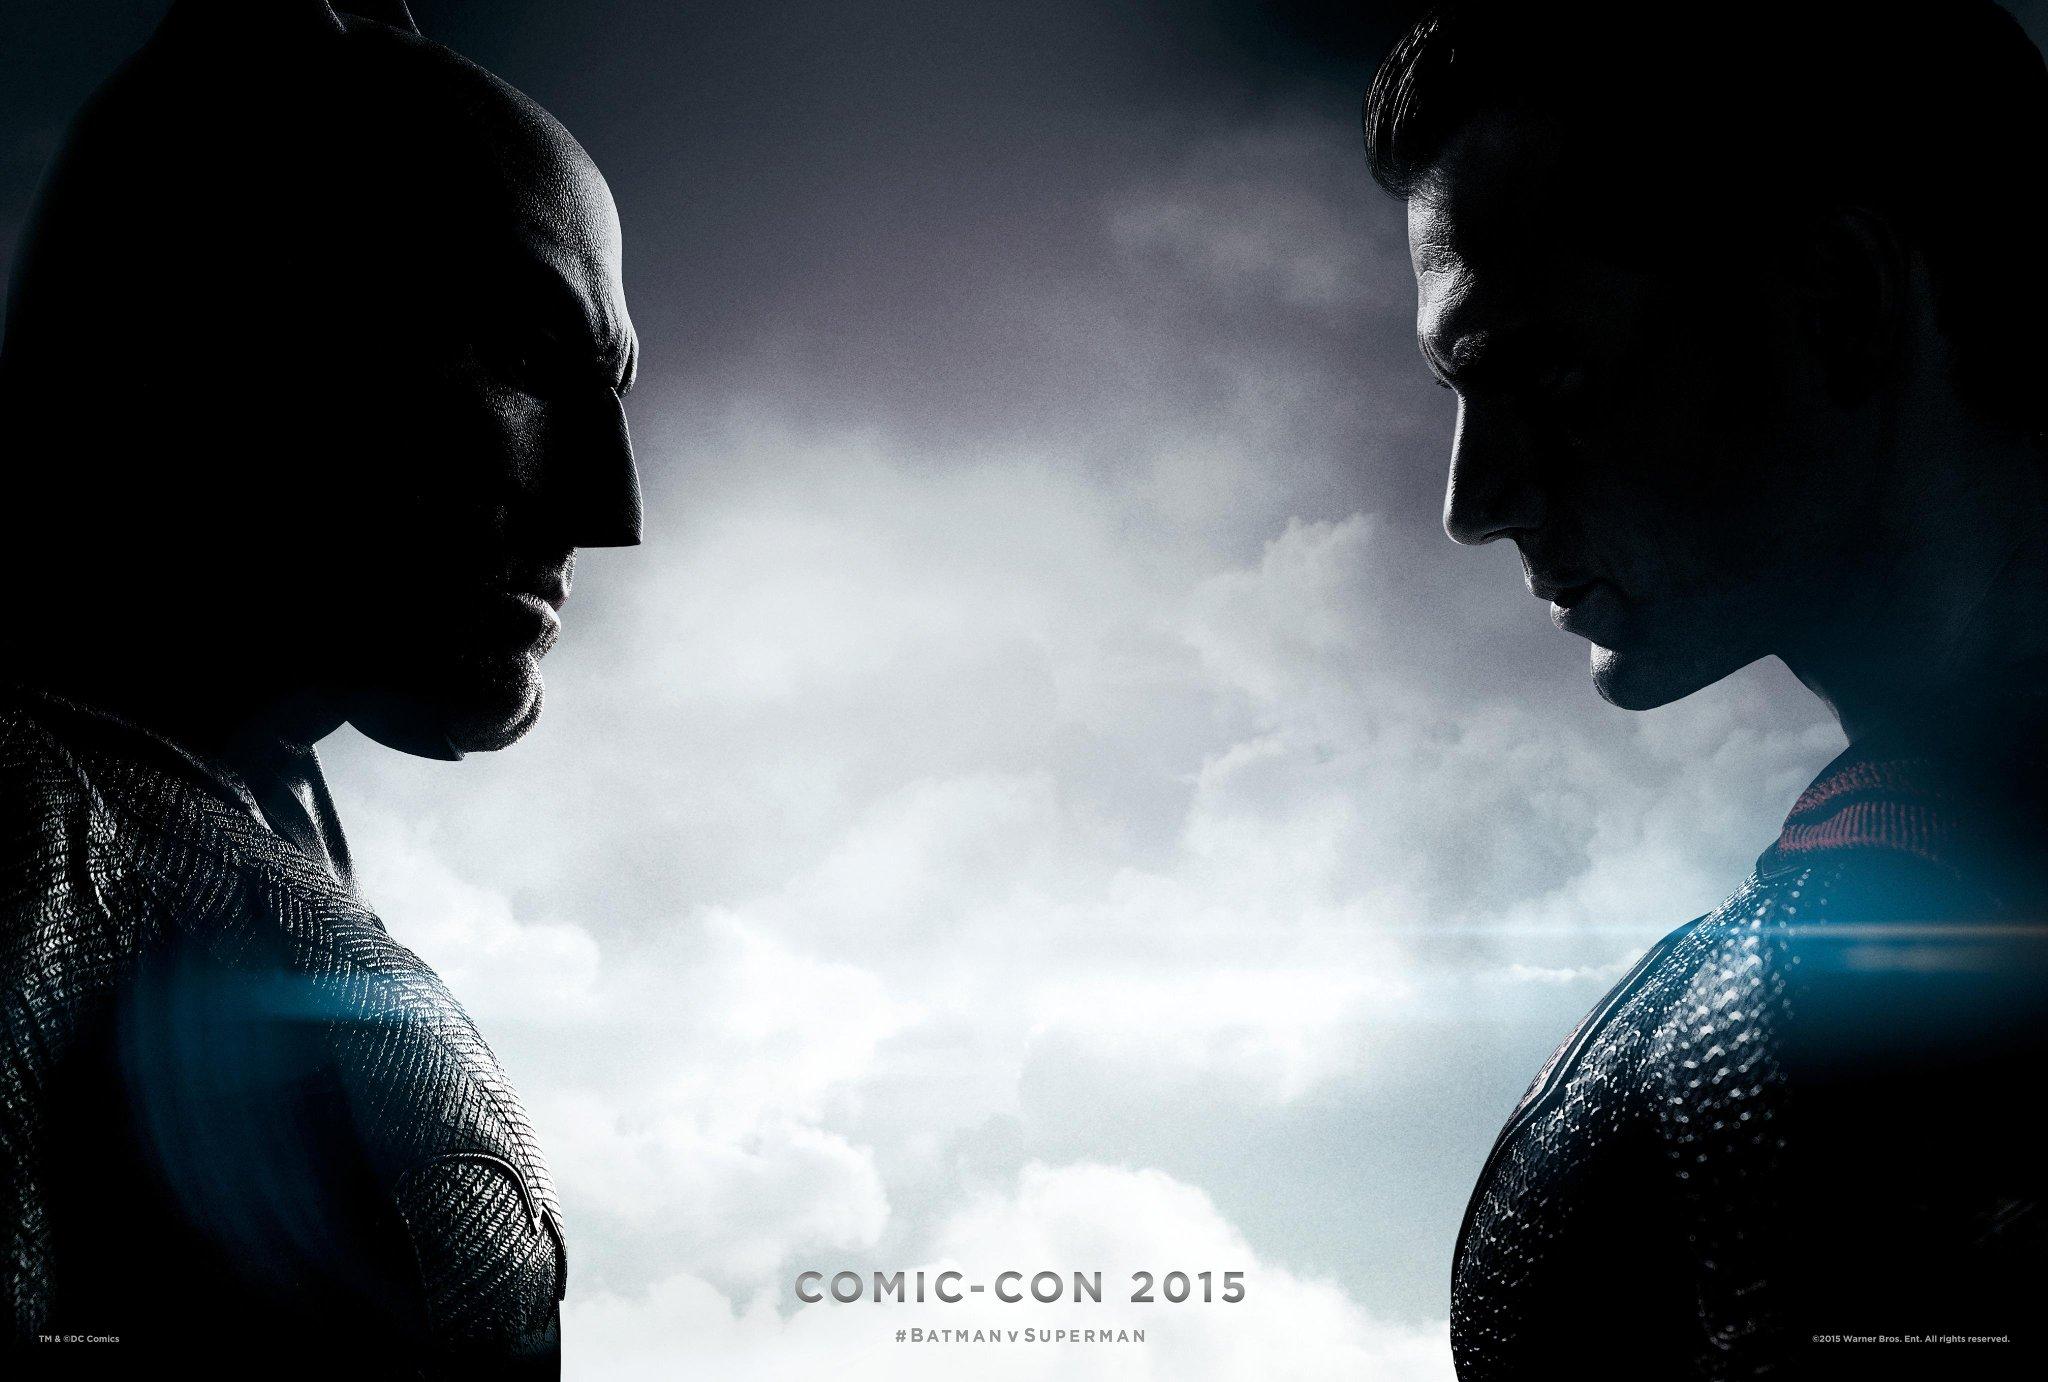 Batman v Superman: Dawn of Justice - Comic Con Trailer 2